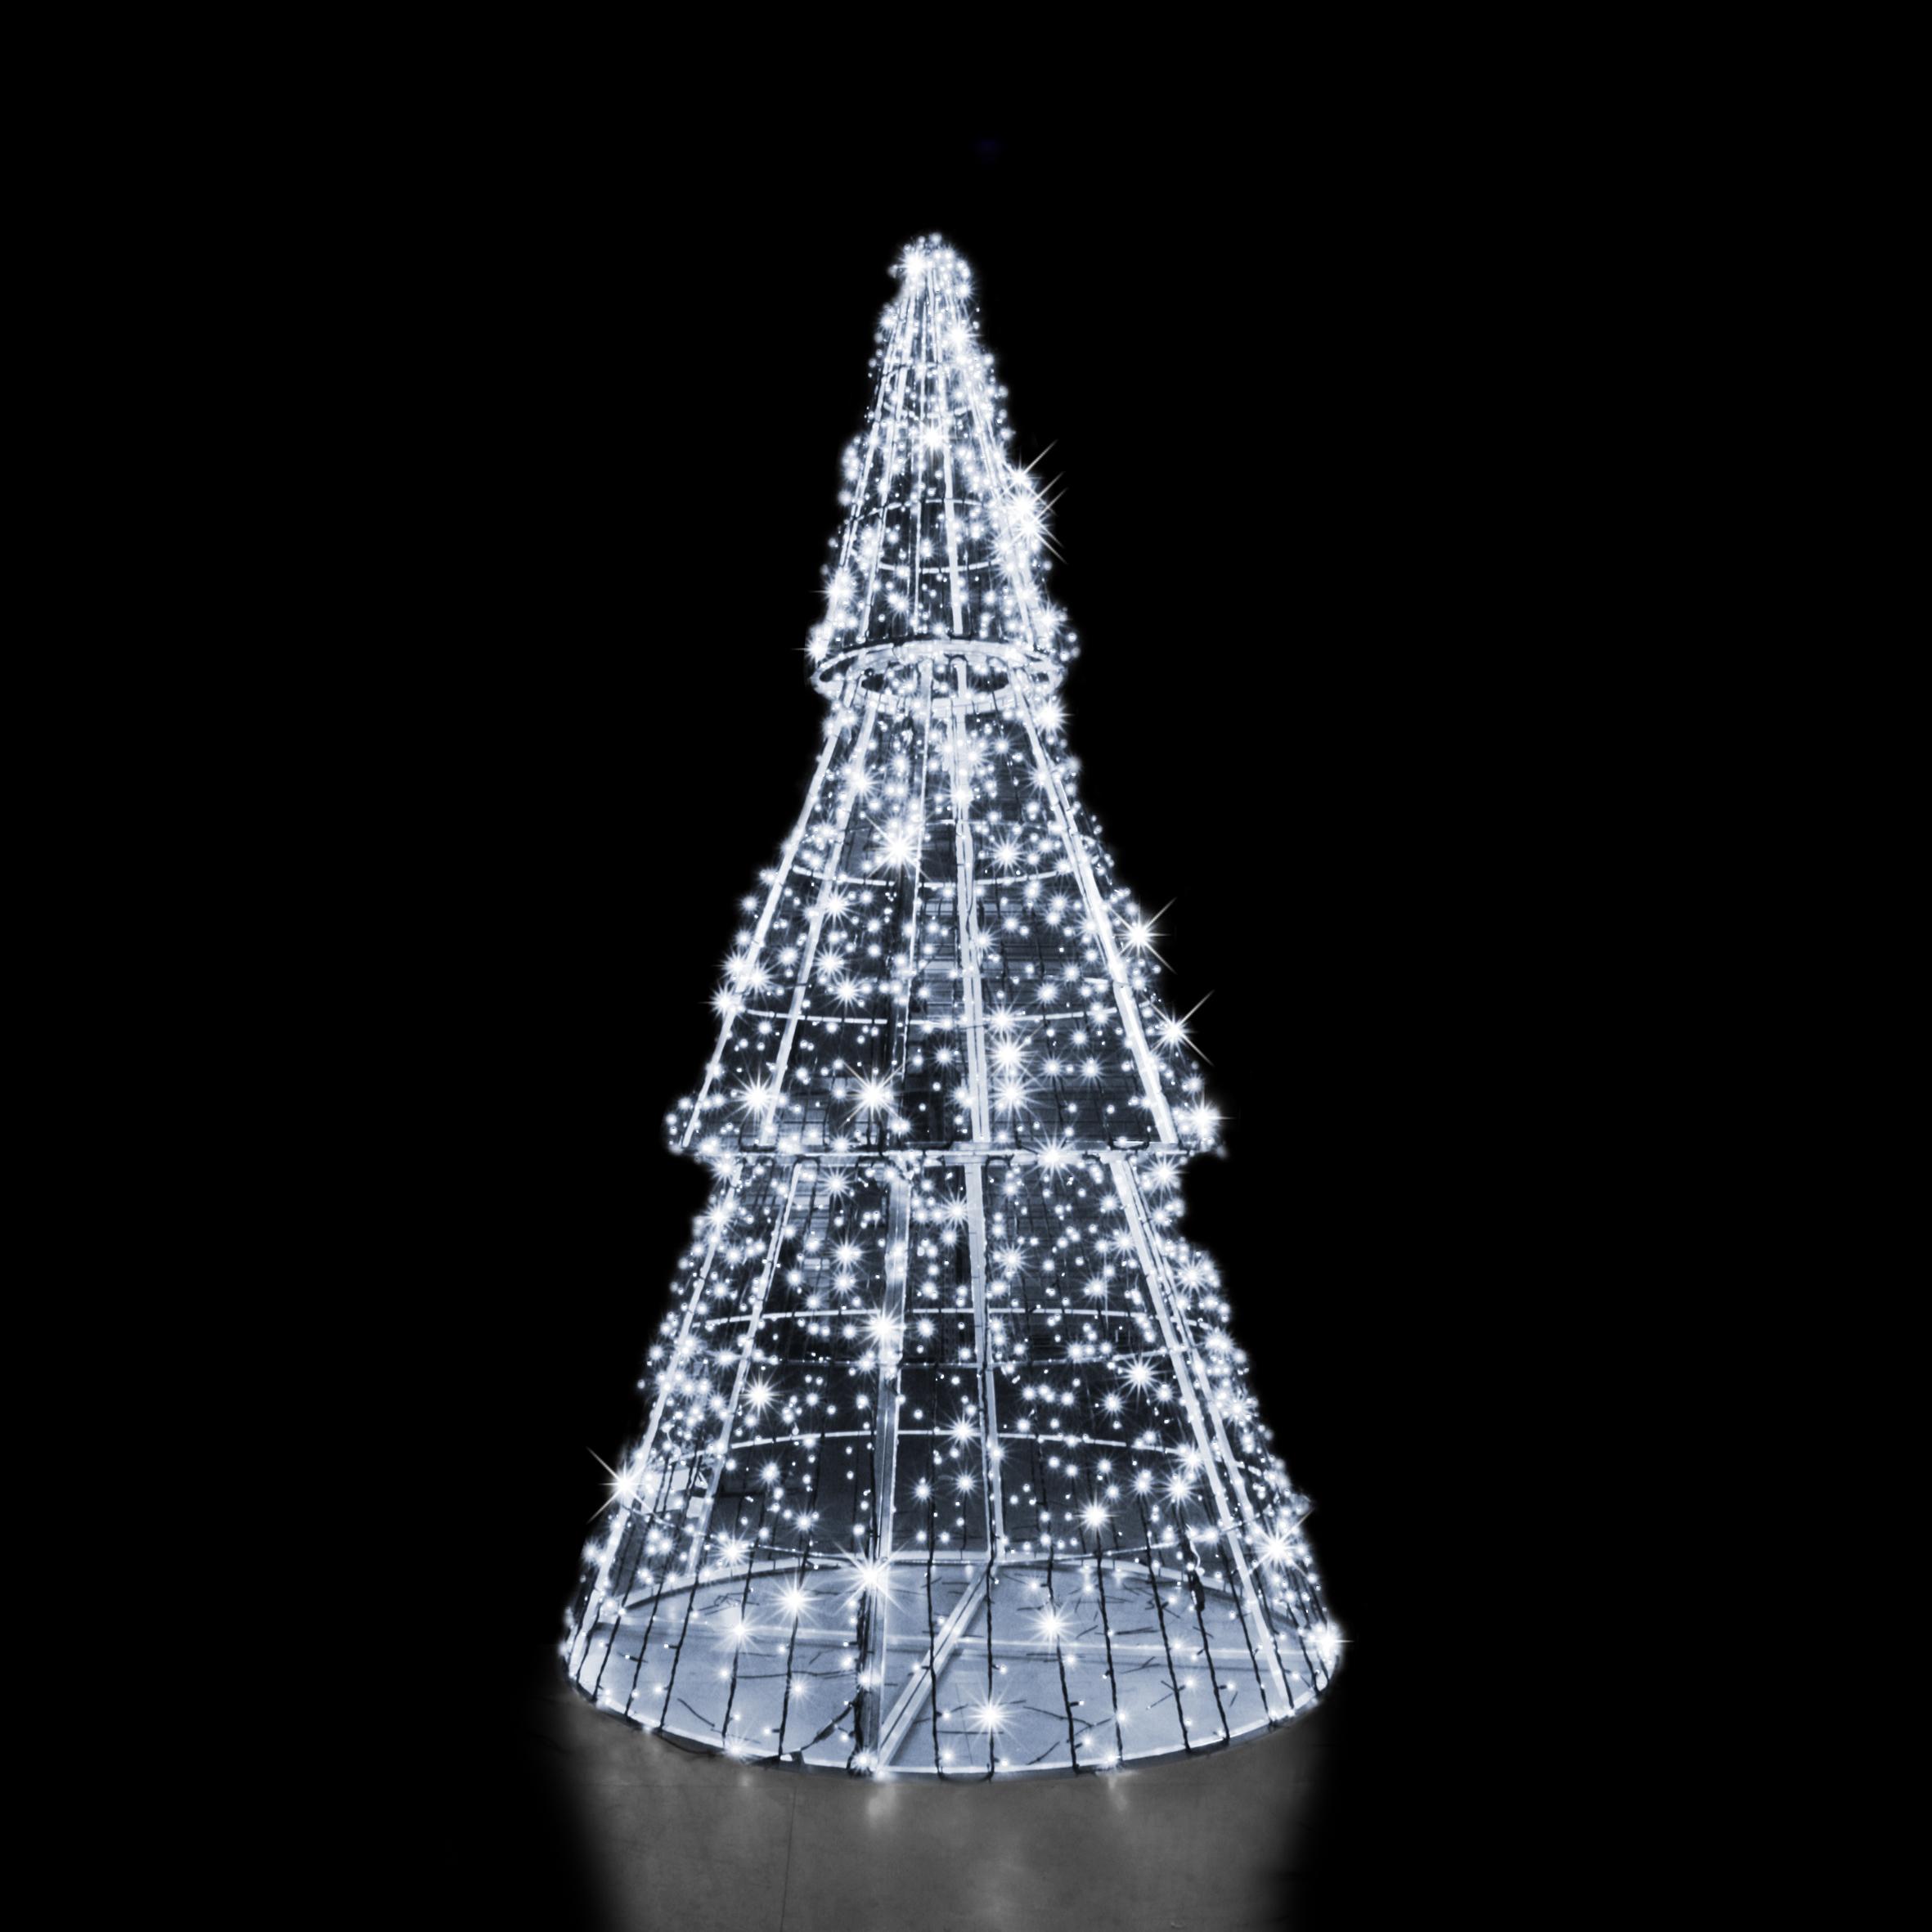 3d pine tree h4 5m x Ø2 25m 2400 led the christmas lighting